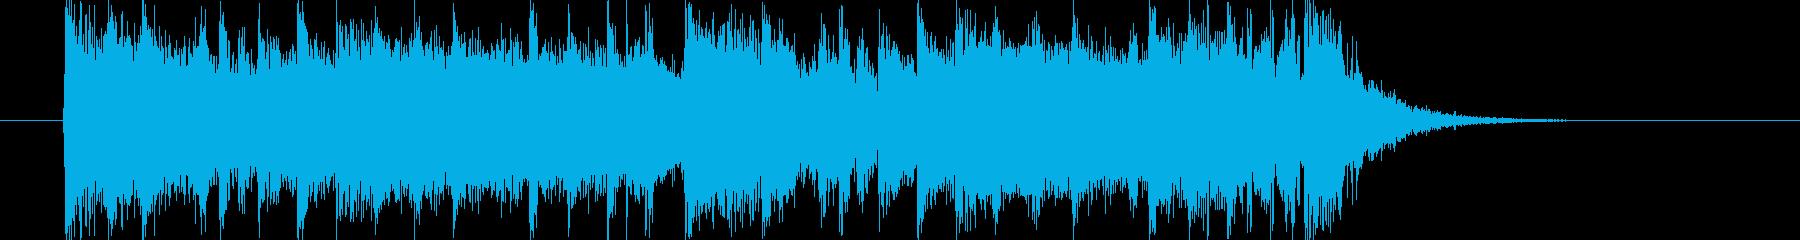 ワイルドダークなシンセジングルの再生済みの波形